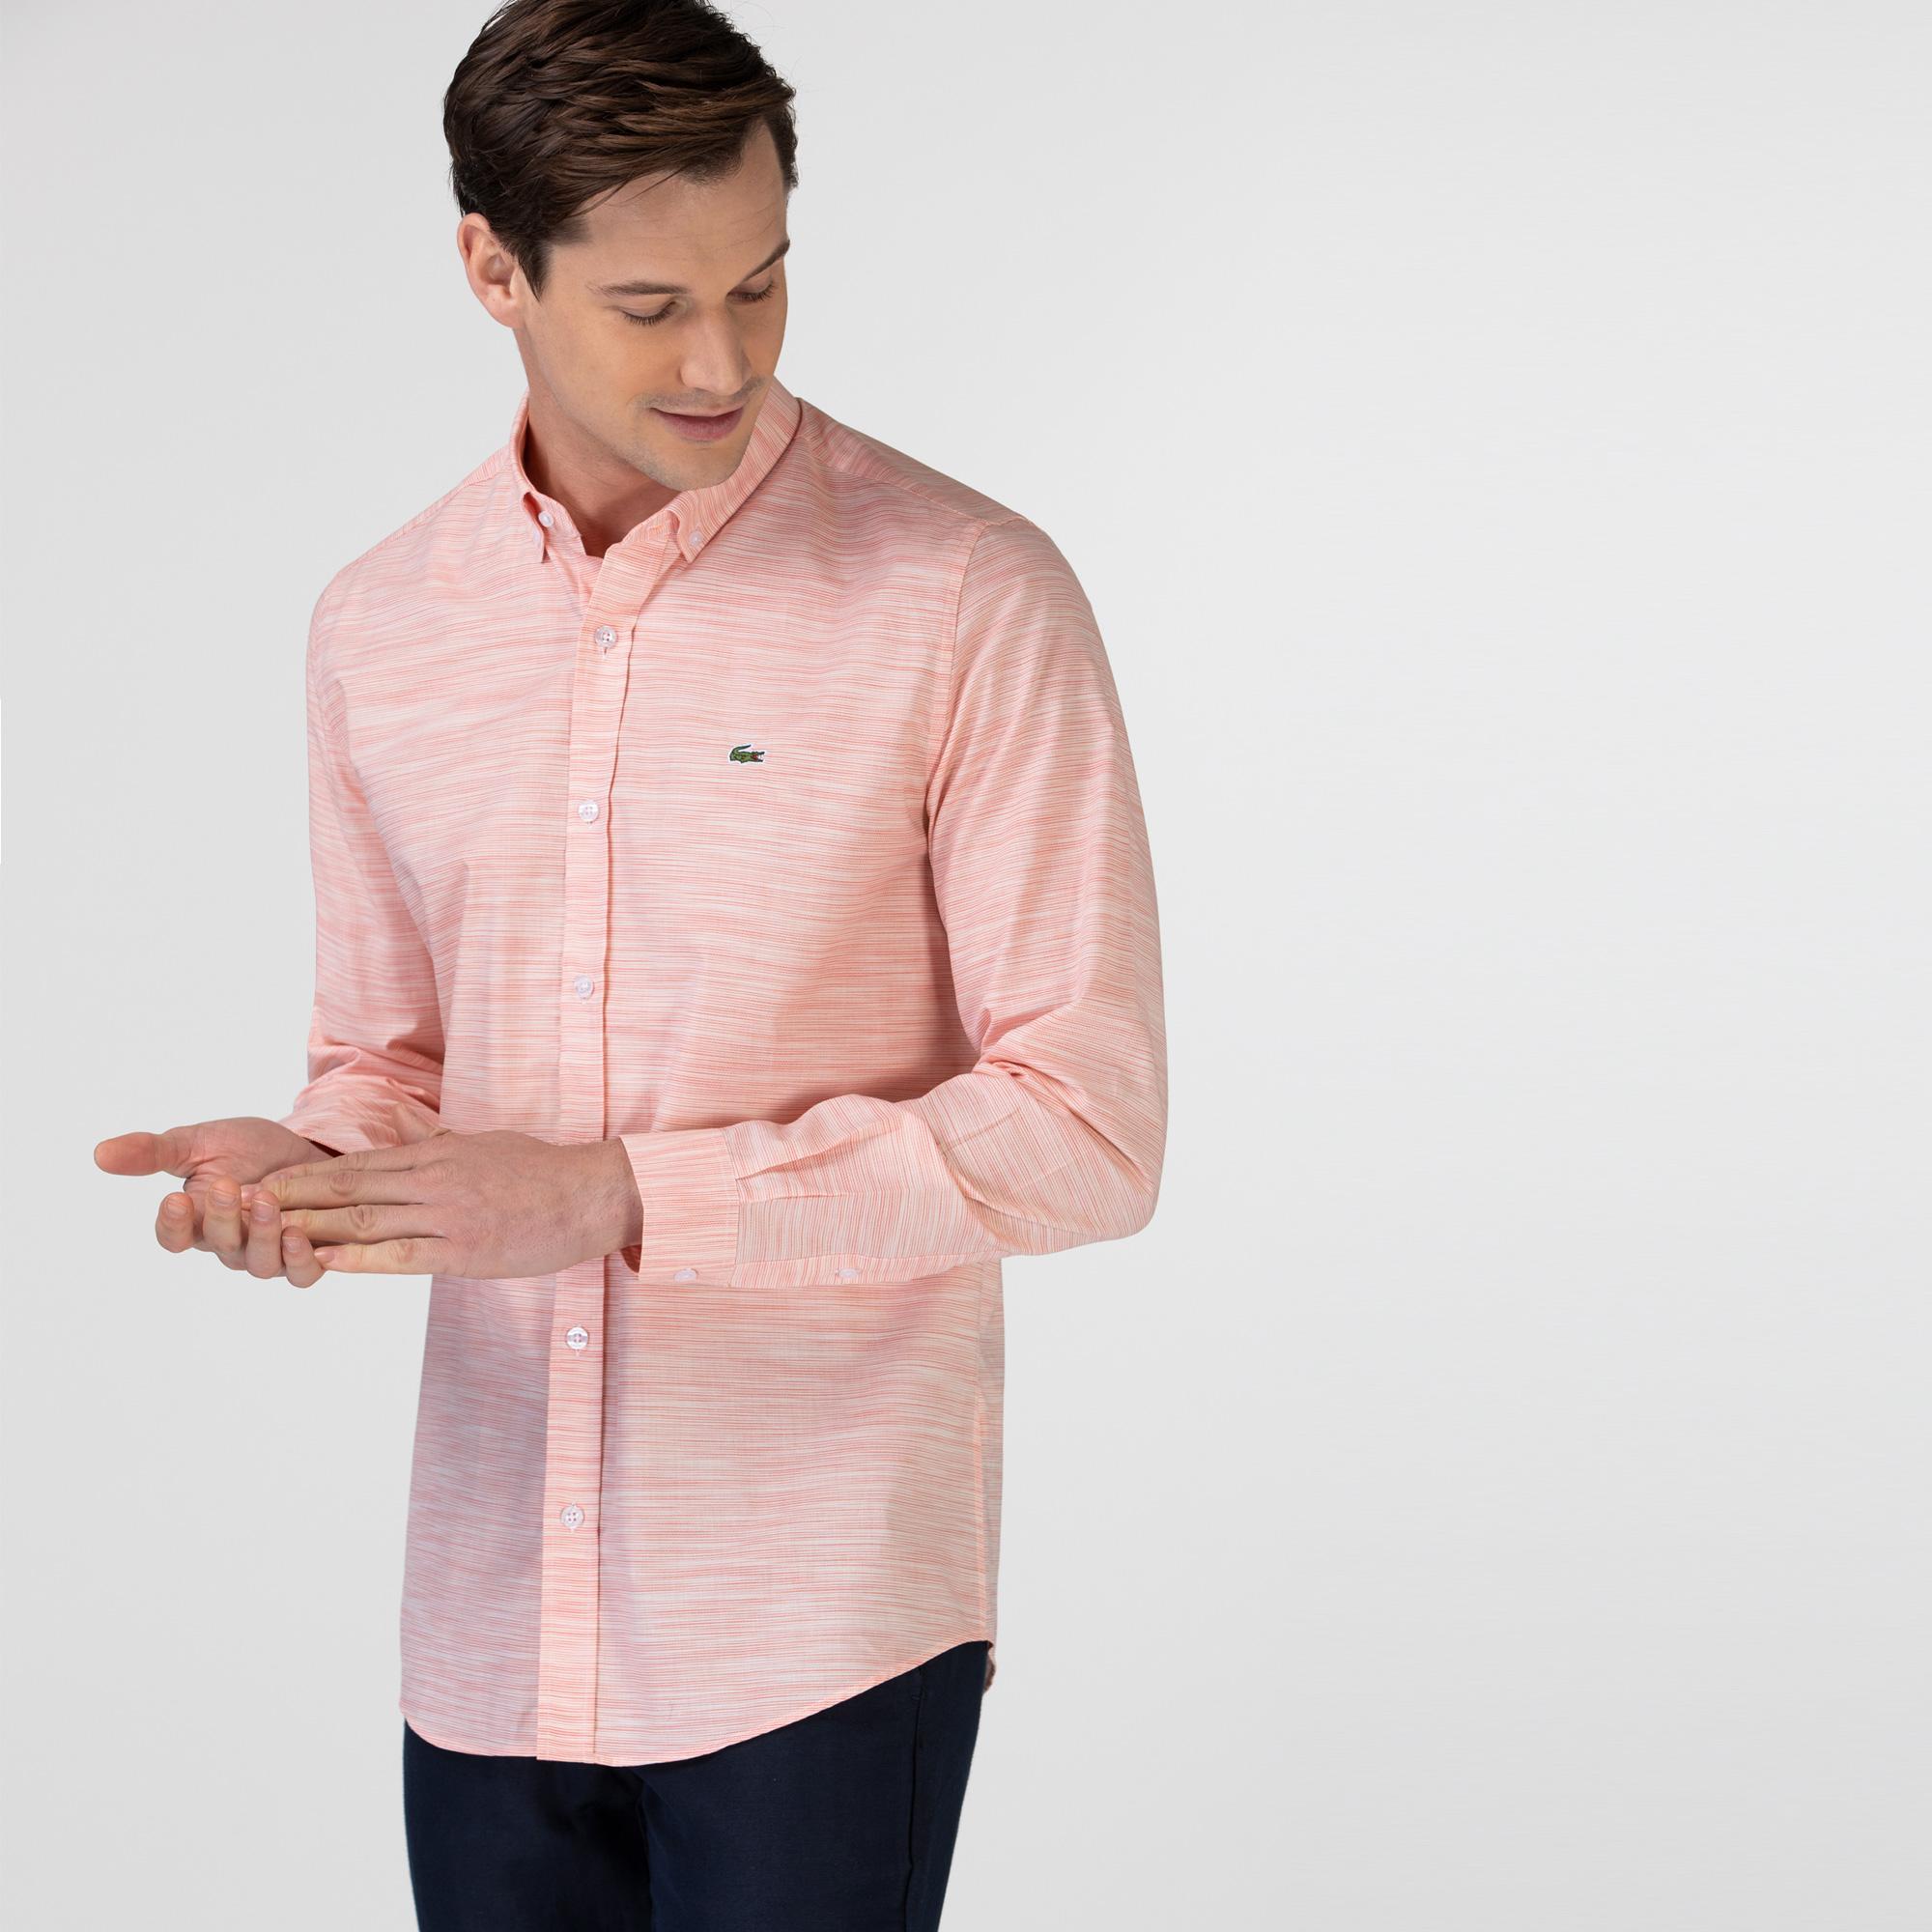 Lacoste Erkek Slim Fit Desenli Açık Pembe Gömlek